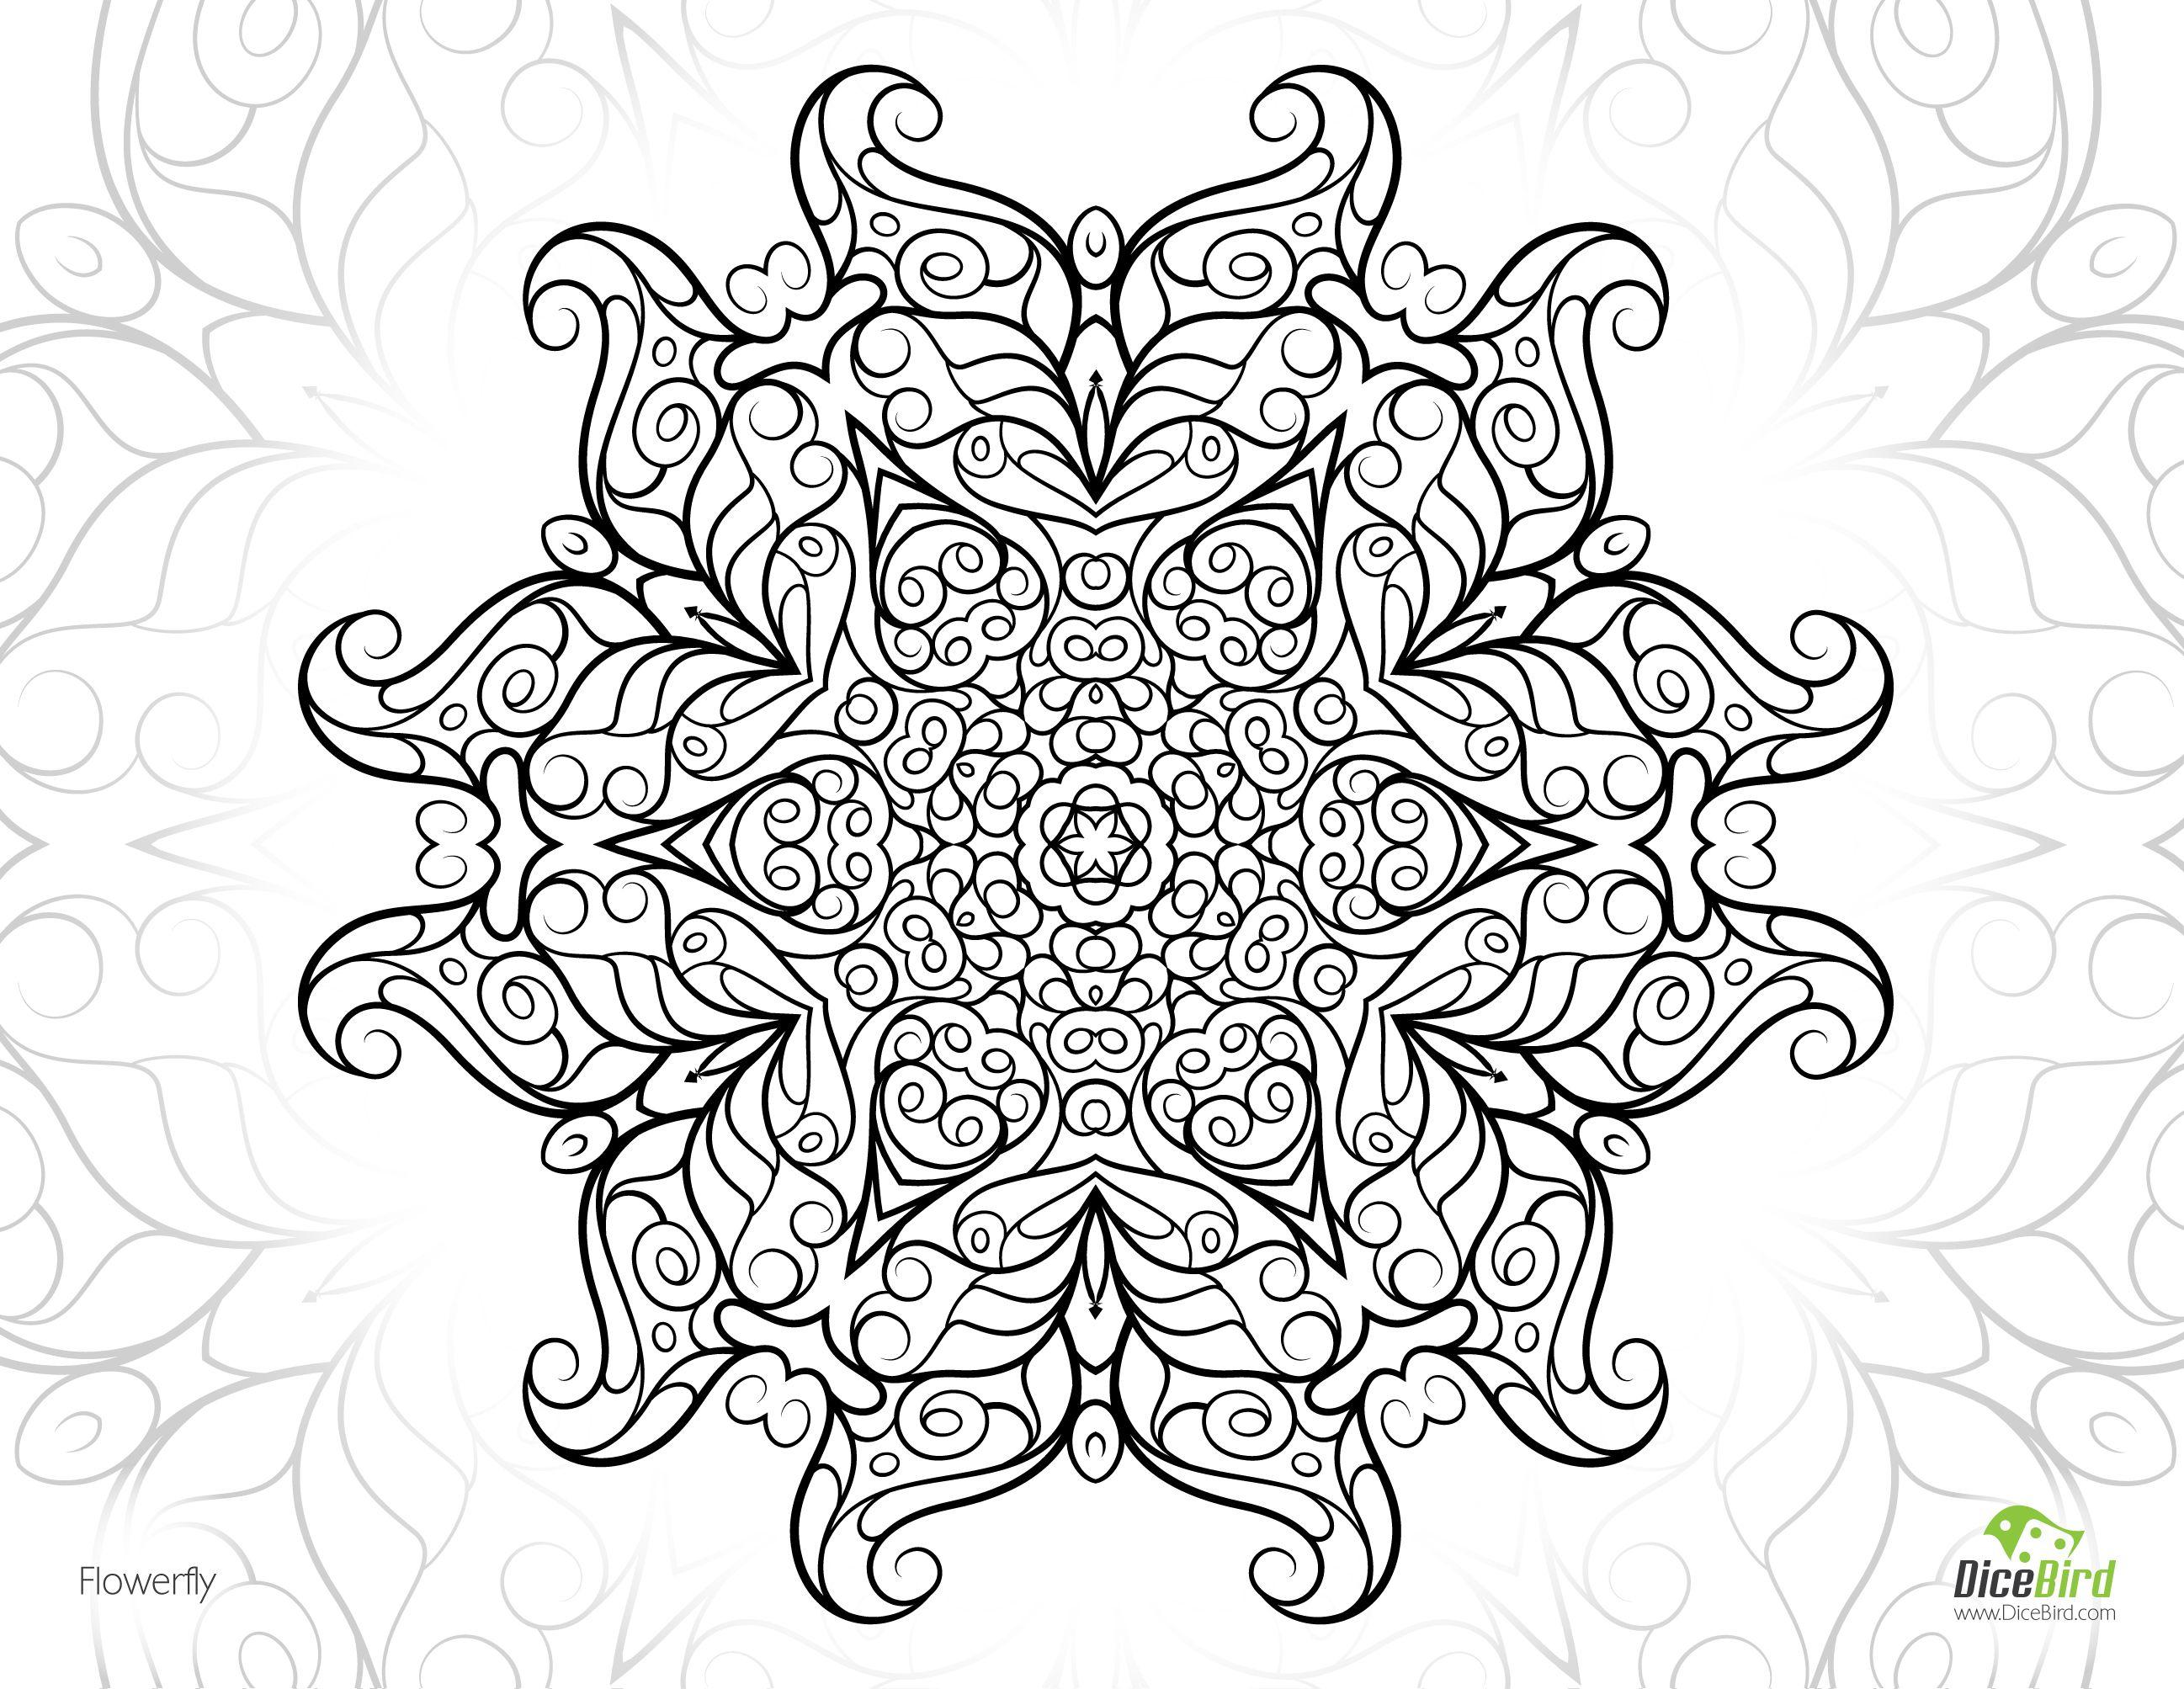 Flowerflydicebirdletterg geometric u mandala